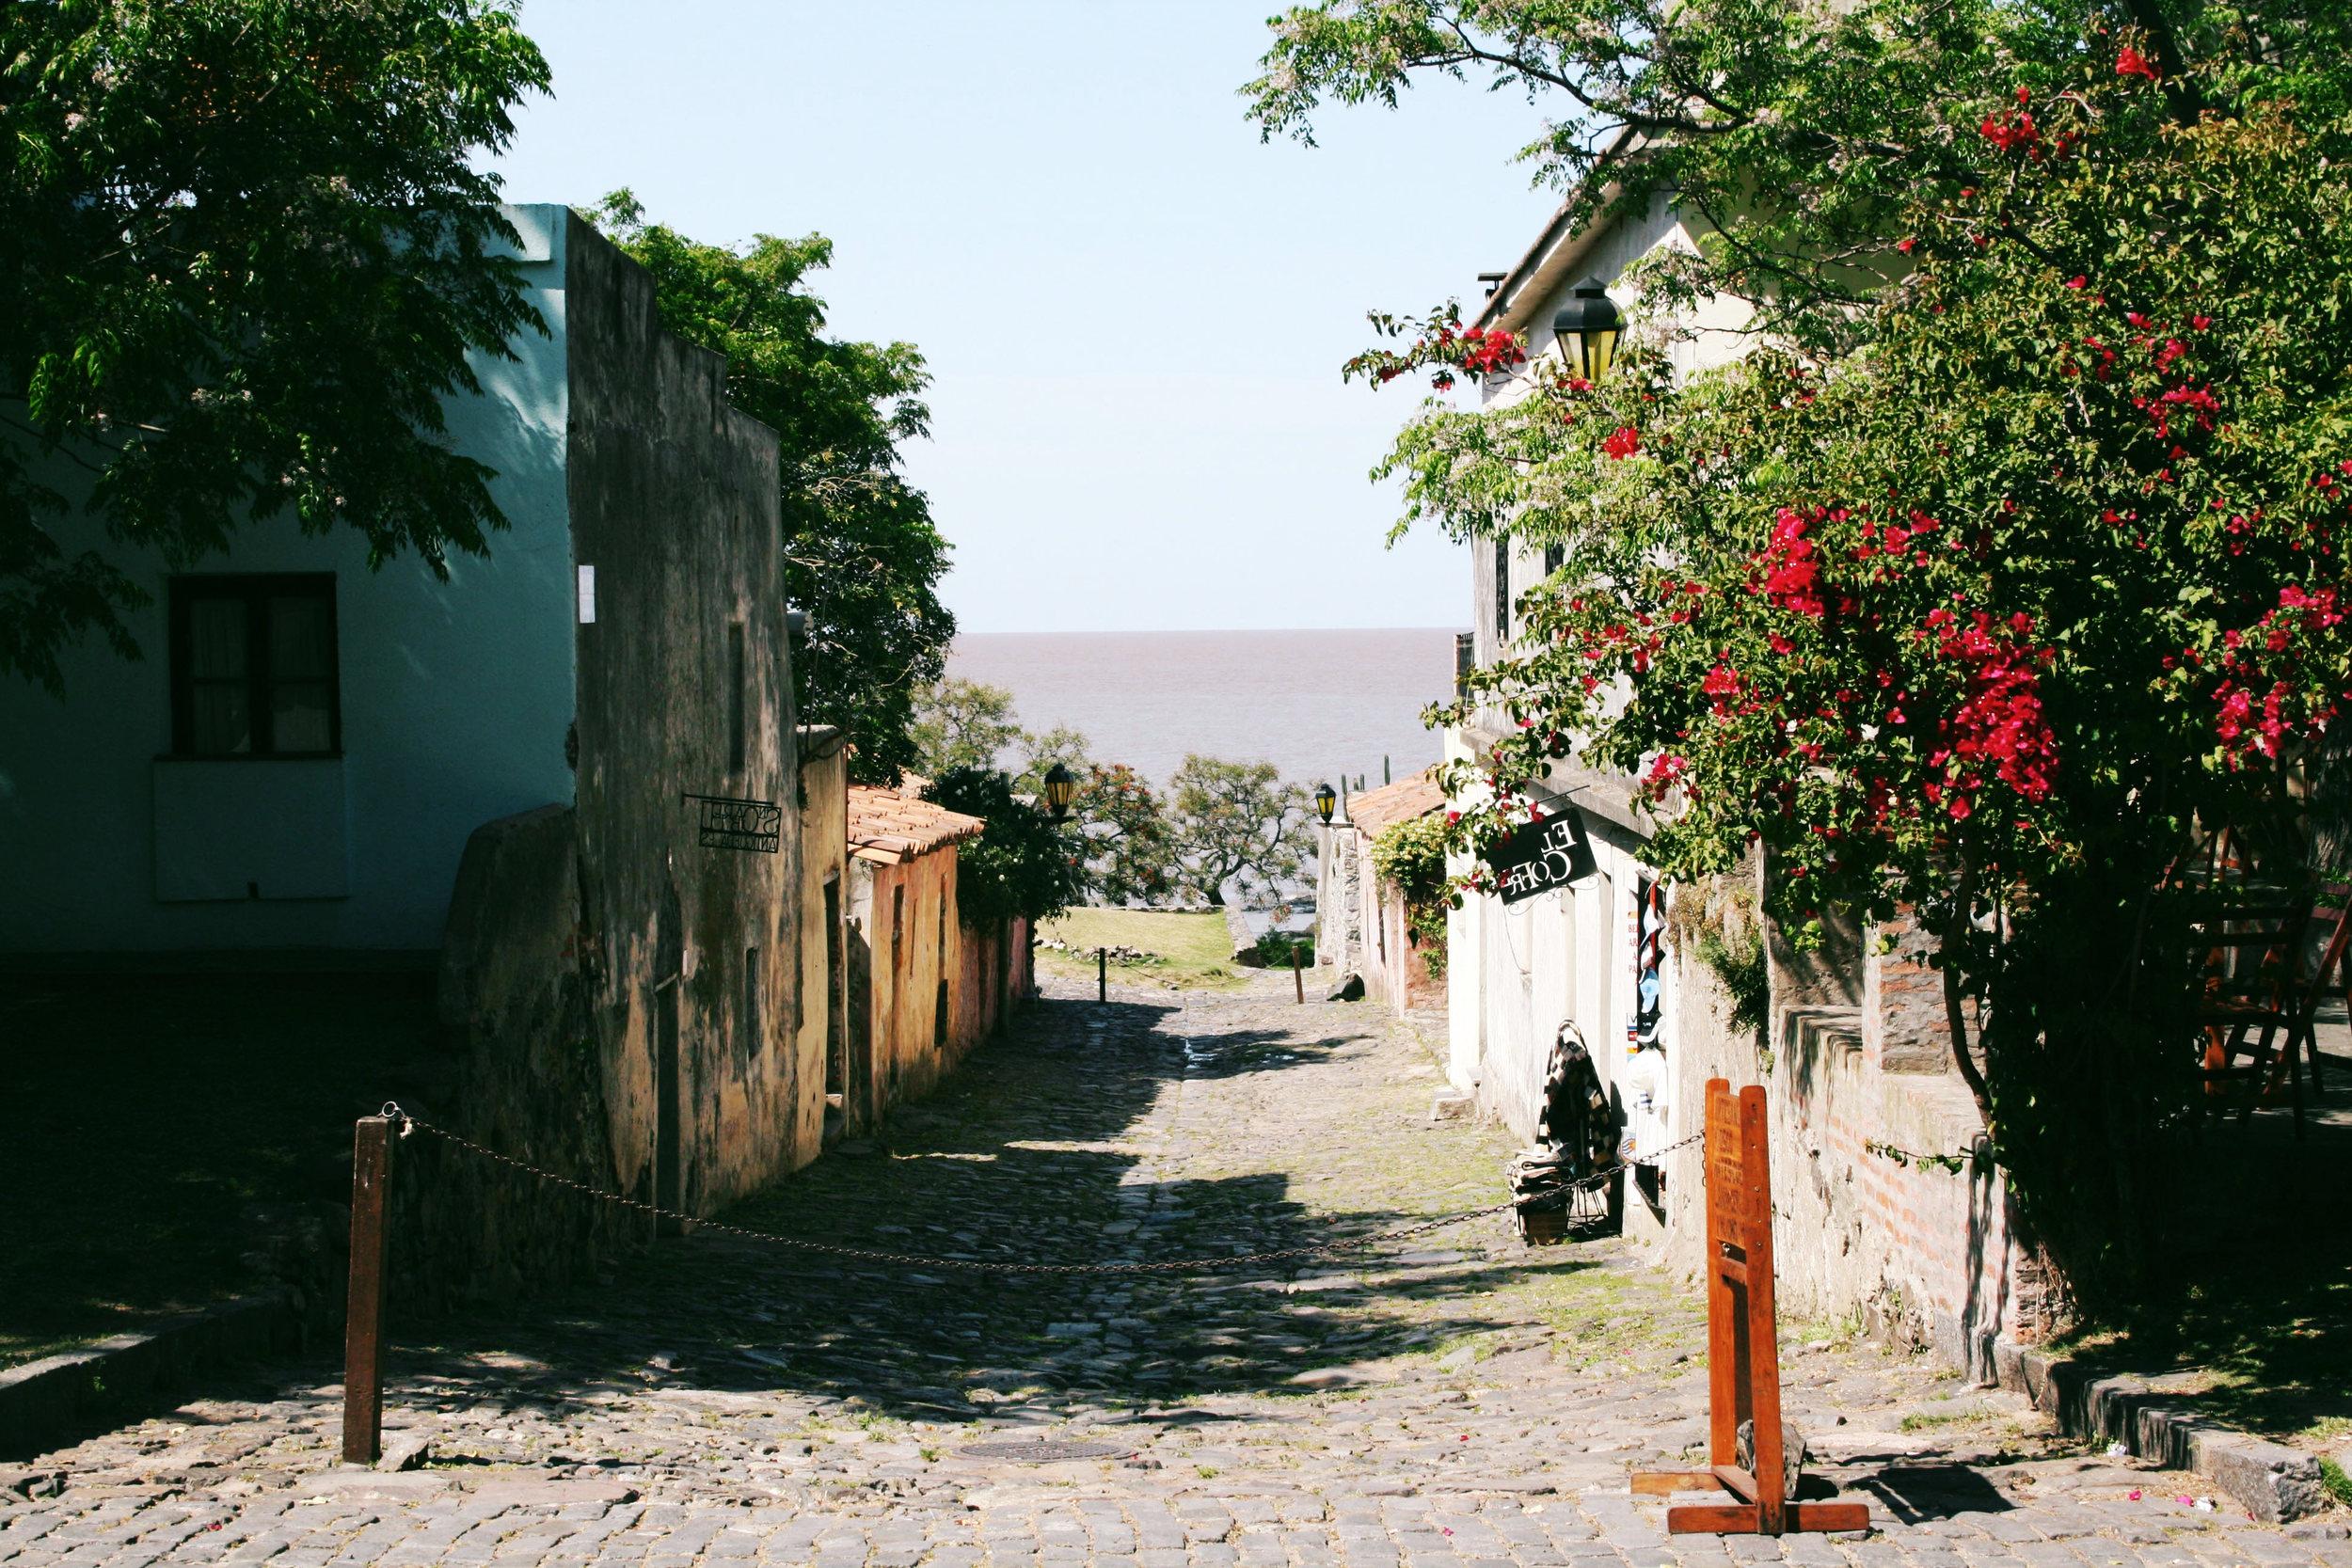 Uruguai hotéis e roteiros de viagem